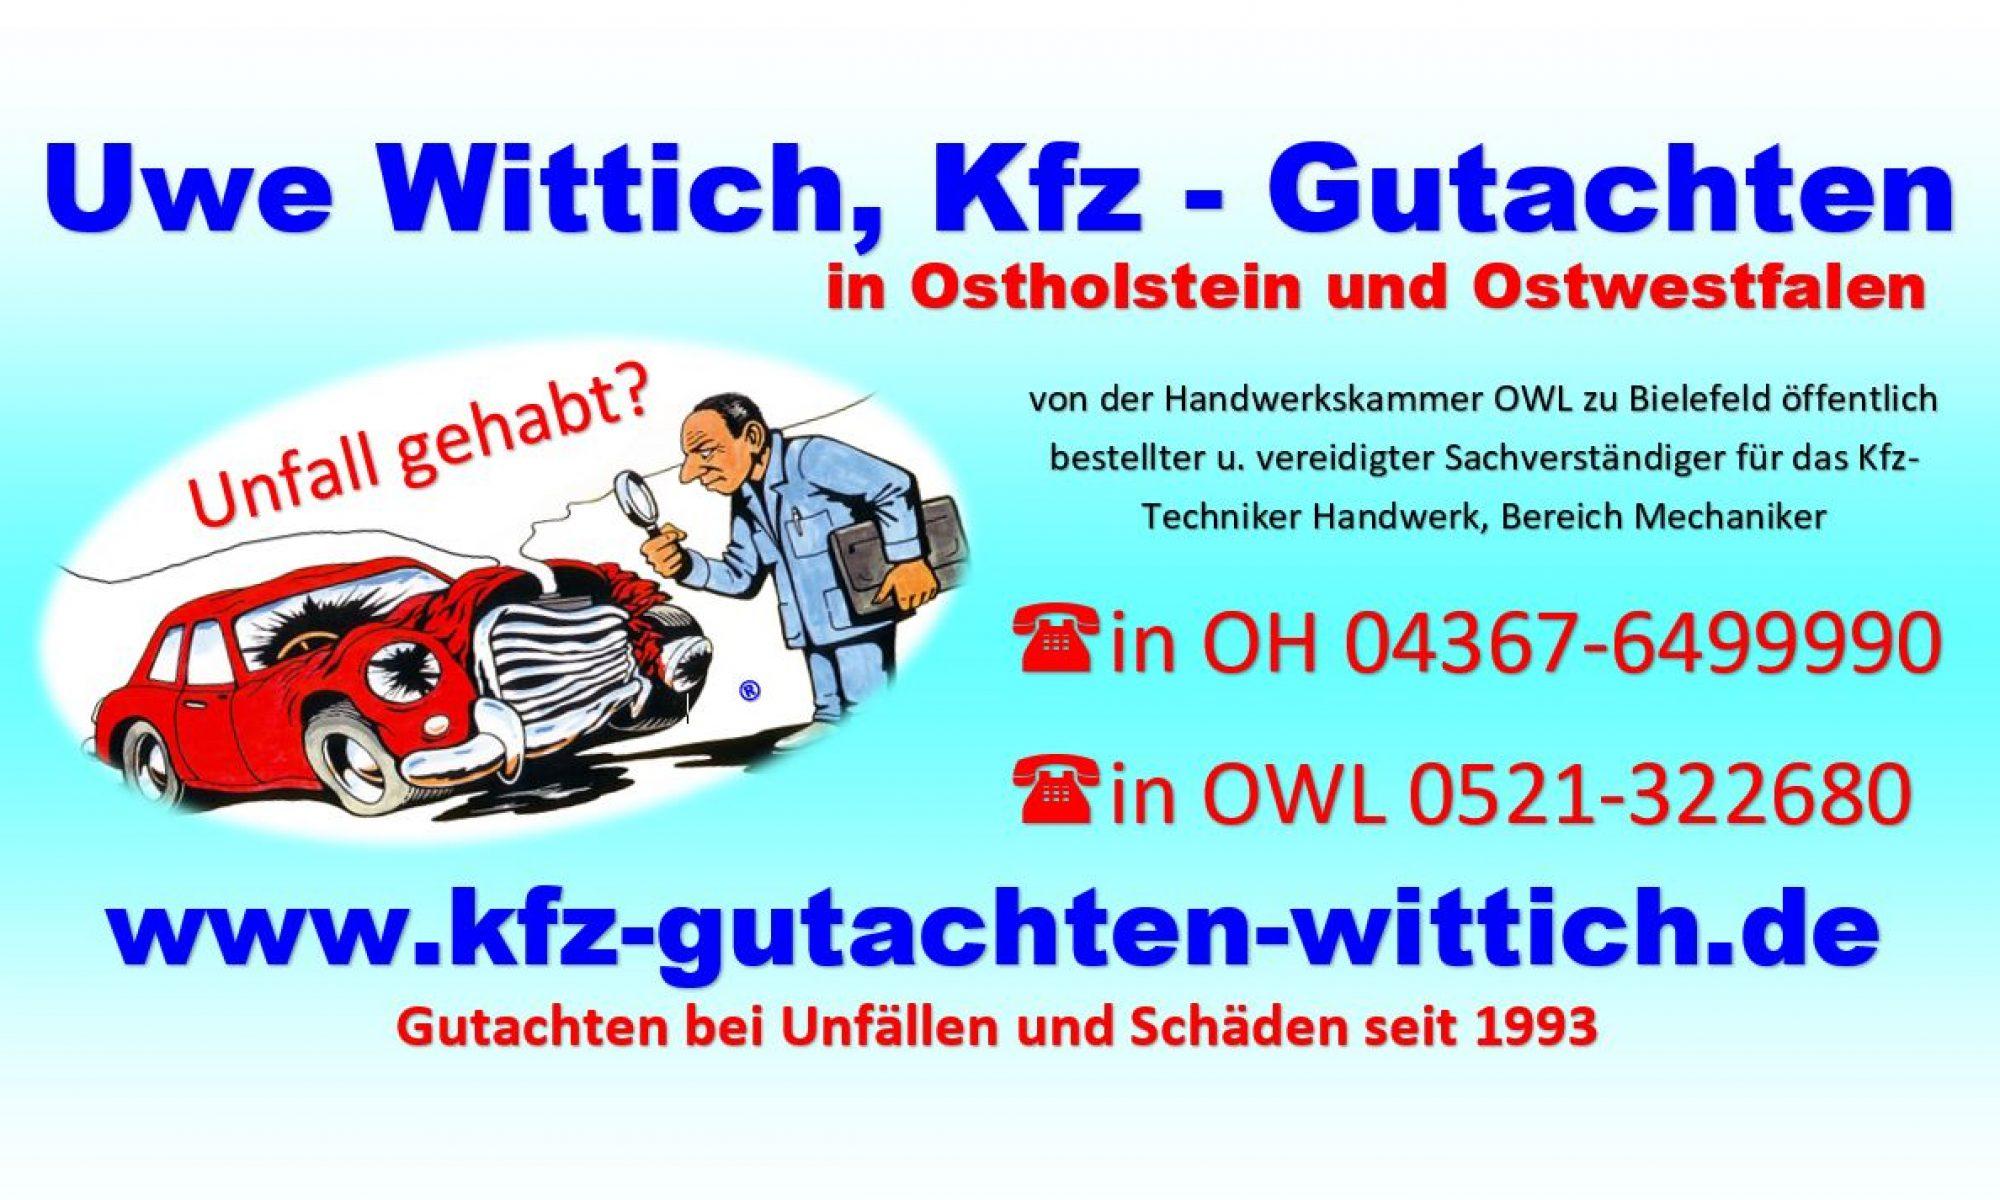 Kfz Gutachten Wittich